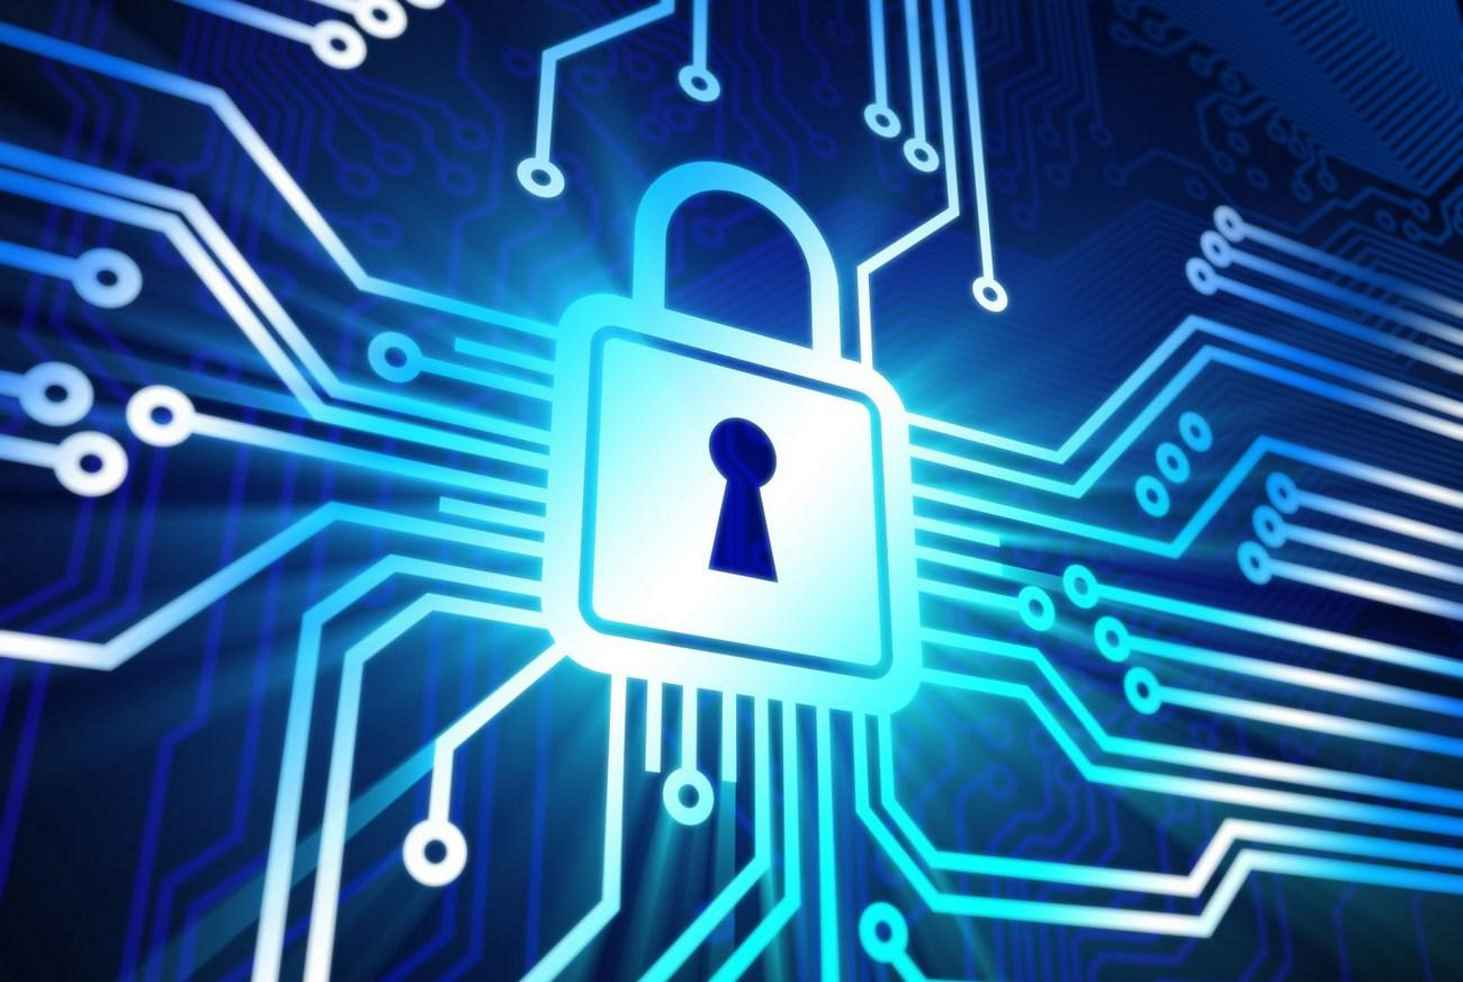 internet-bezopasnost-v-shkole-ponadeyalis-na-avos-i-zaplatili-shtrafy